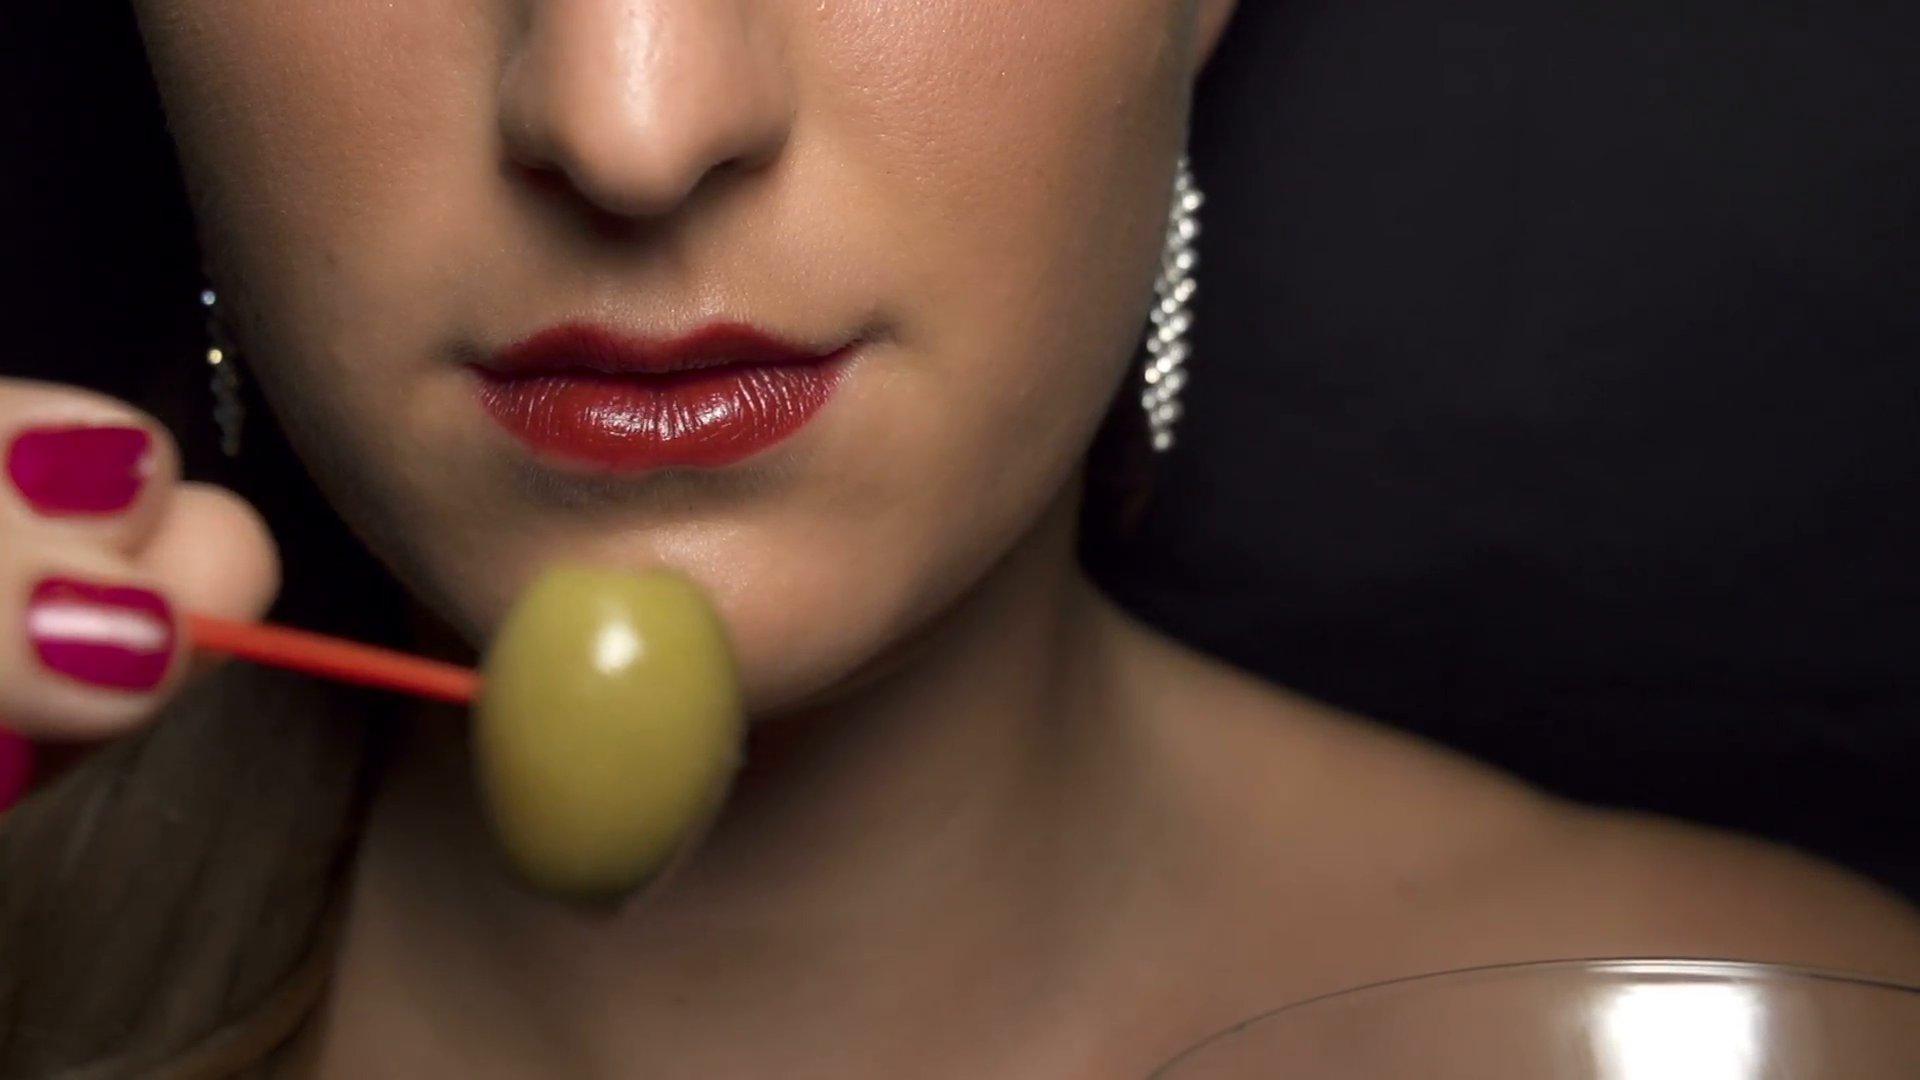 slow motion eating olive from martini glass nk2msewbl  f0002.png?resize=636,358 - Se você gosta de comer azeitonas ou chocolate amargo, é um sinal de que está ficando VELHO